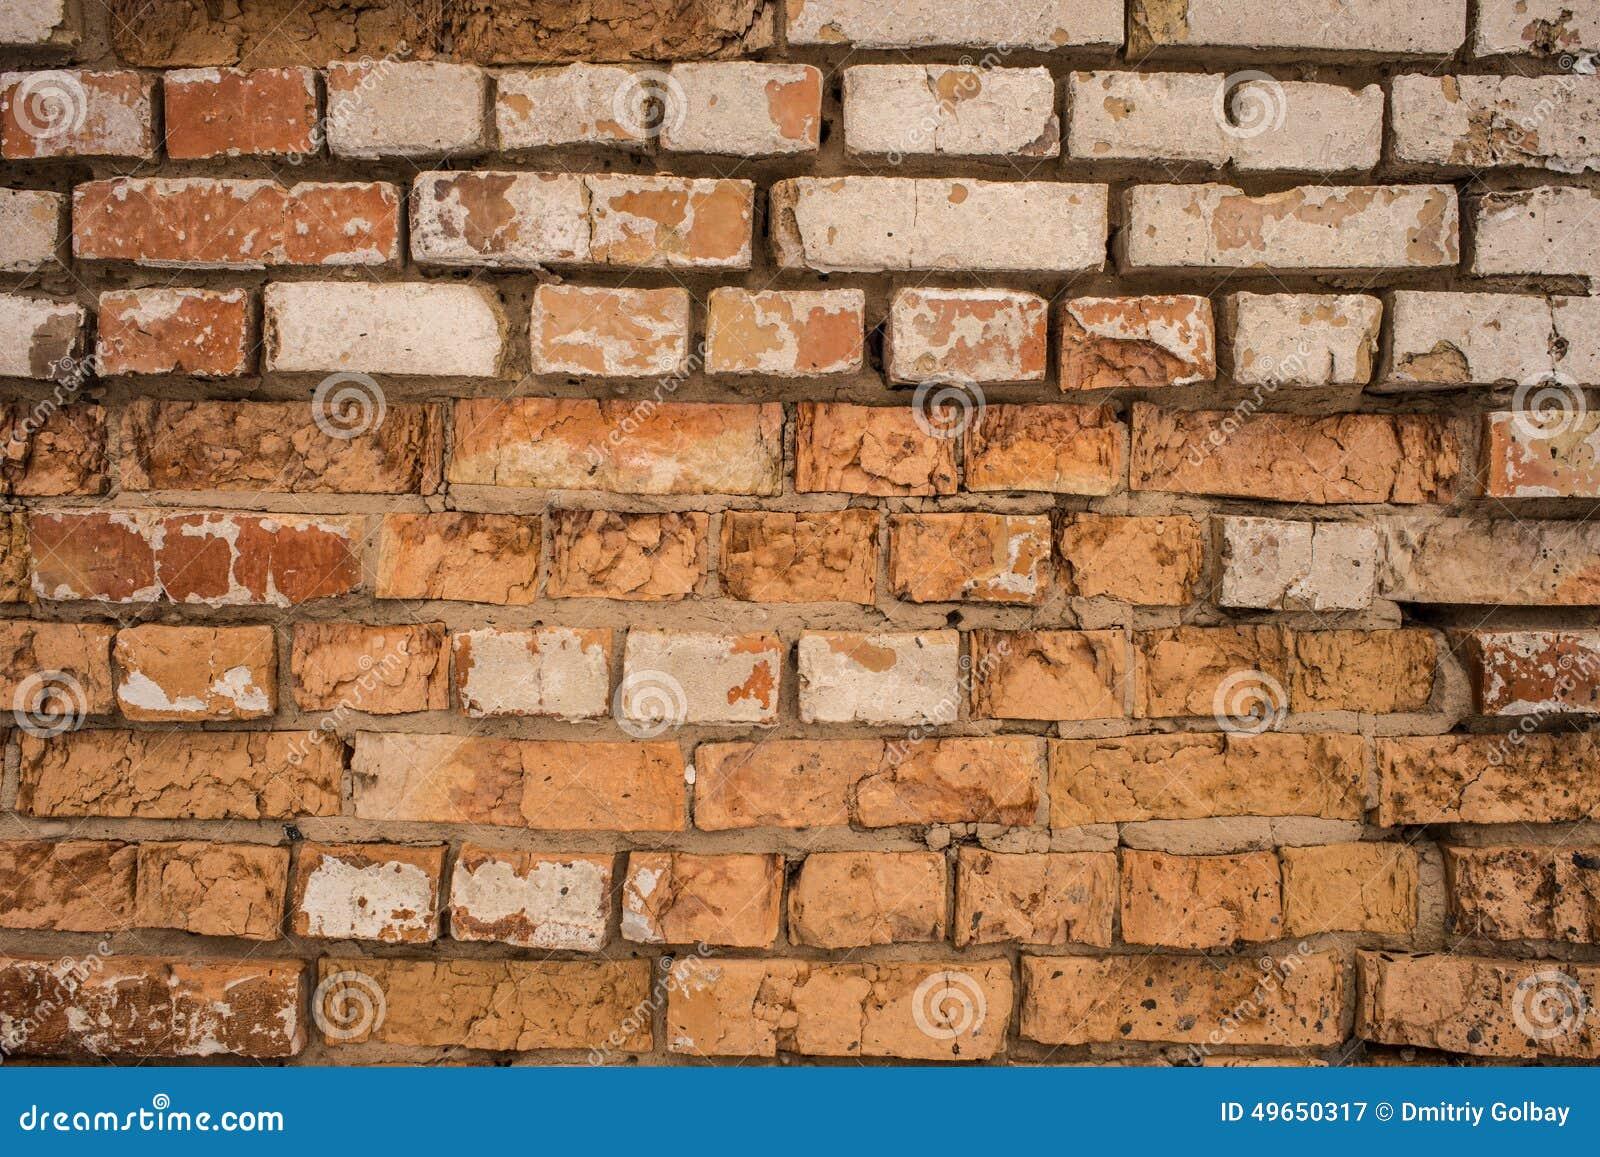 Terracotta Brick Temples In Central Kolkata India Stock